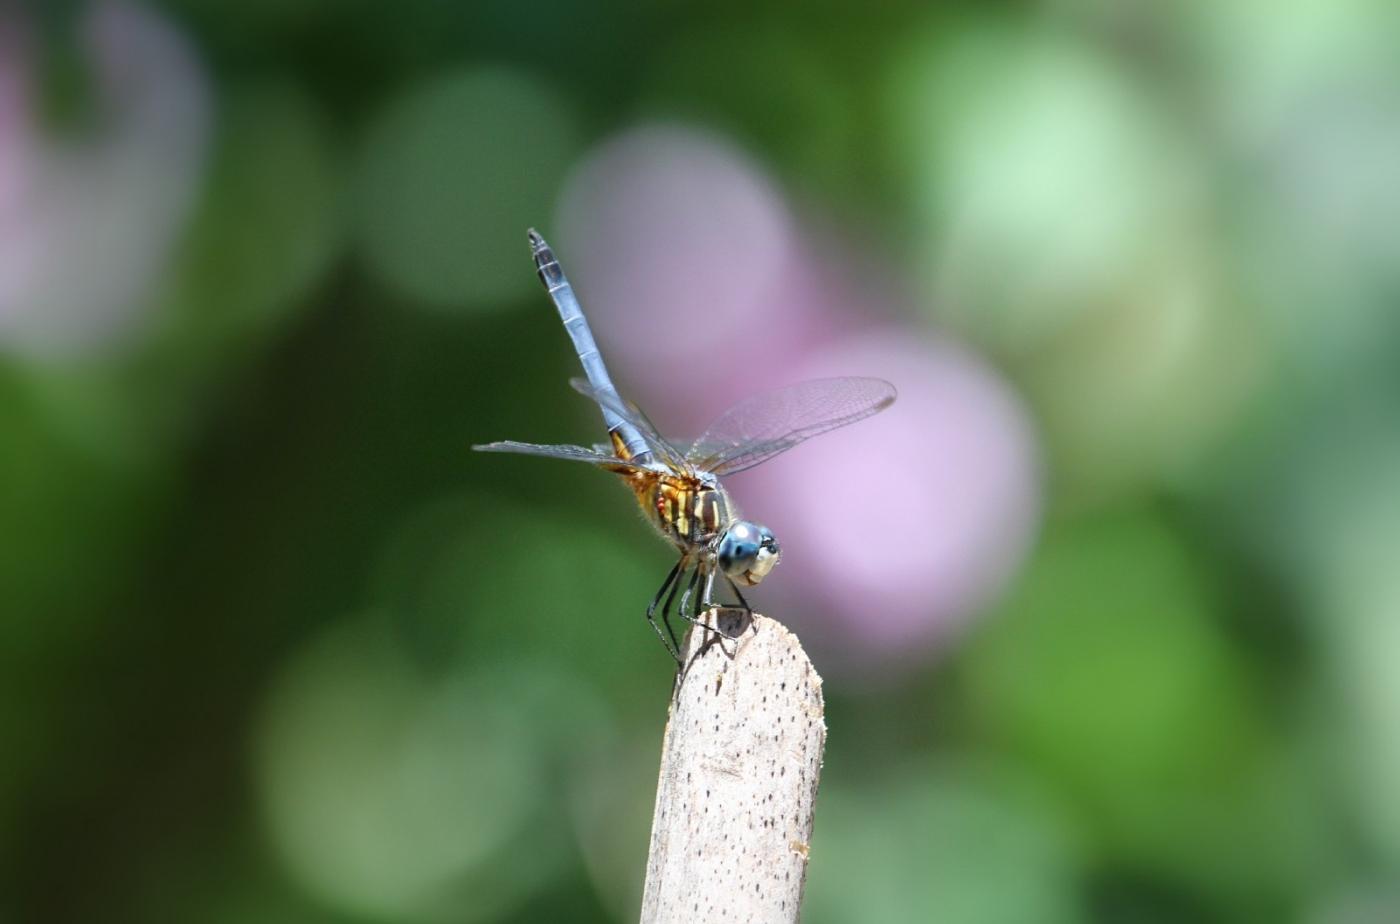 【田螺摄影】院子里的蜻蜓_图1-6